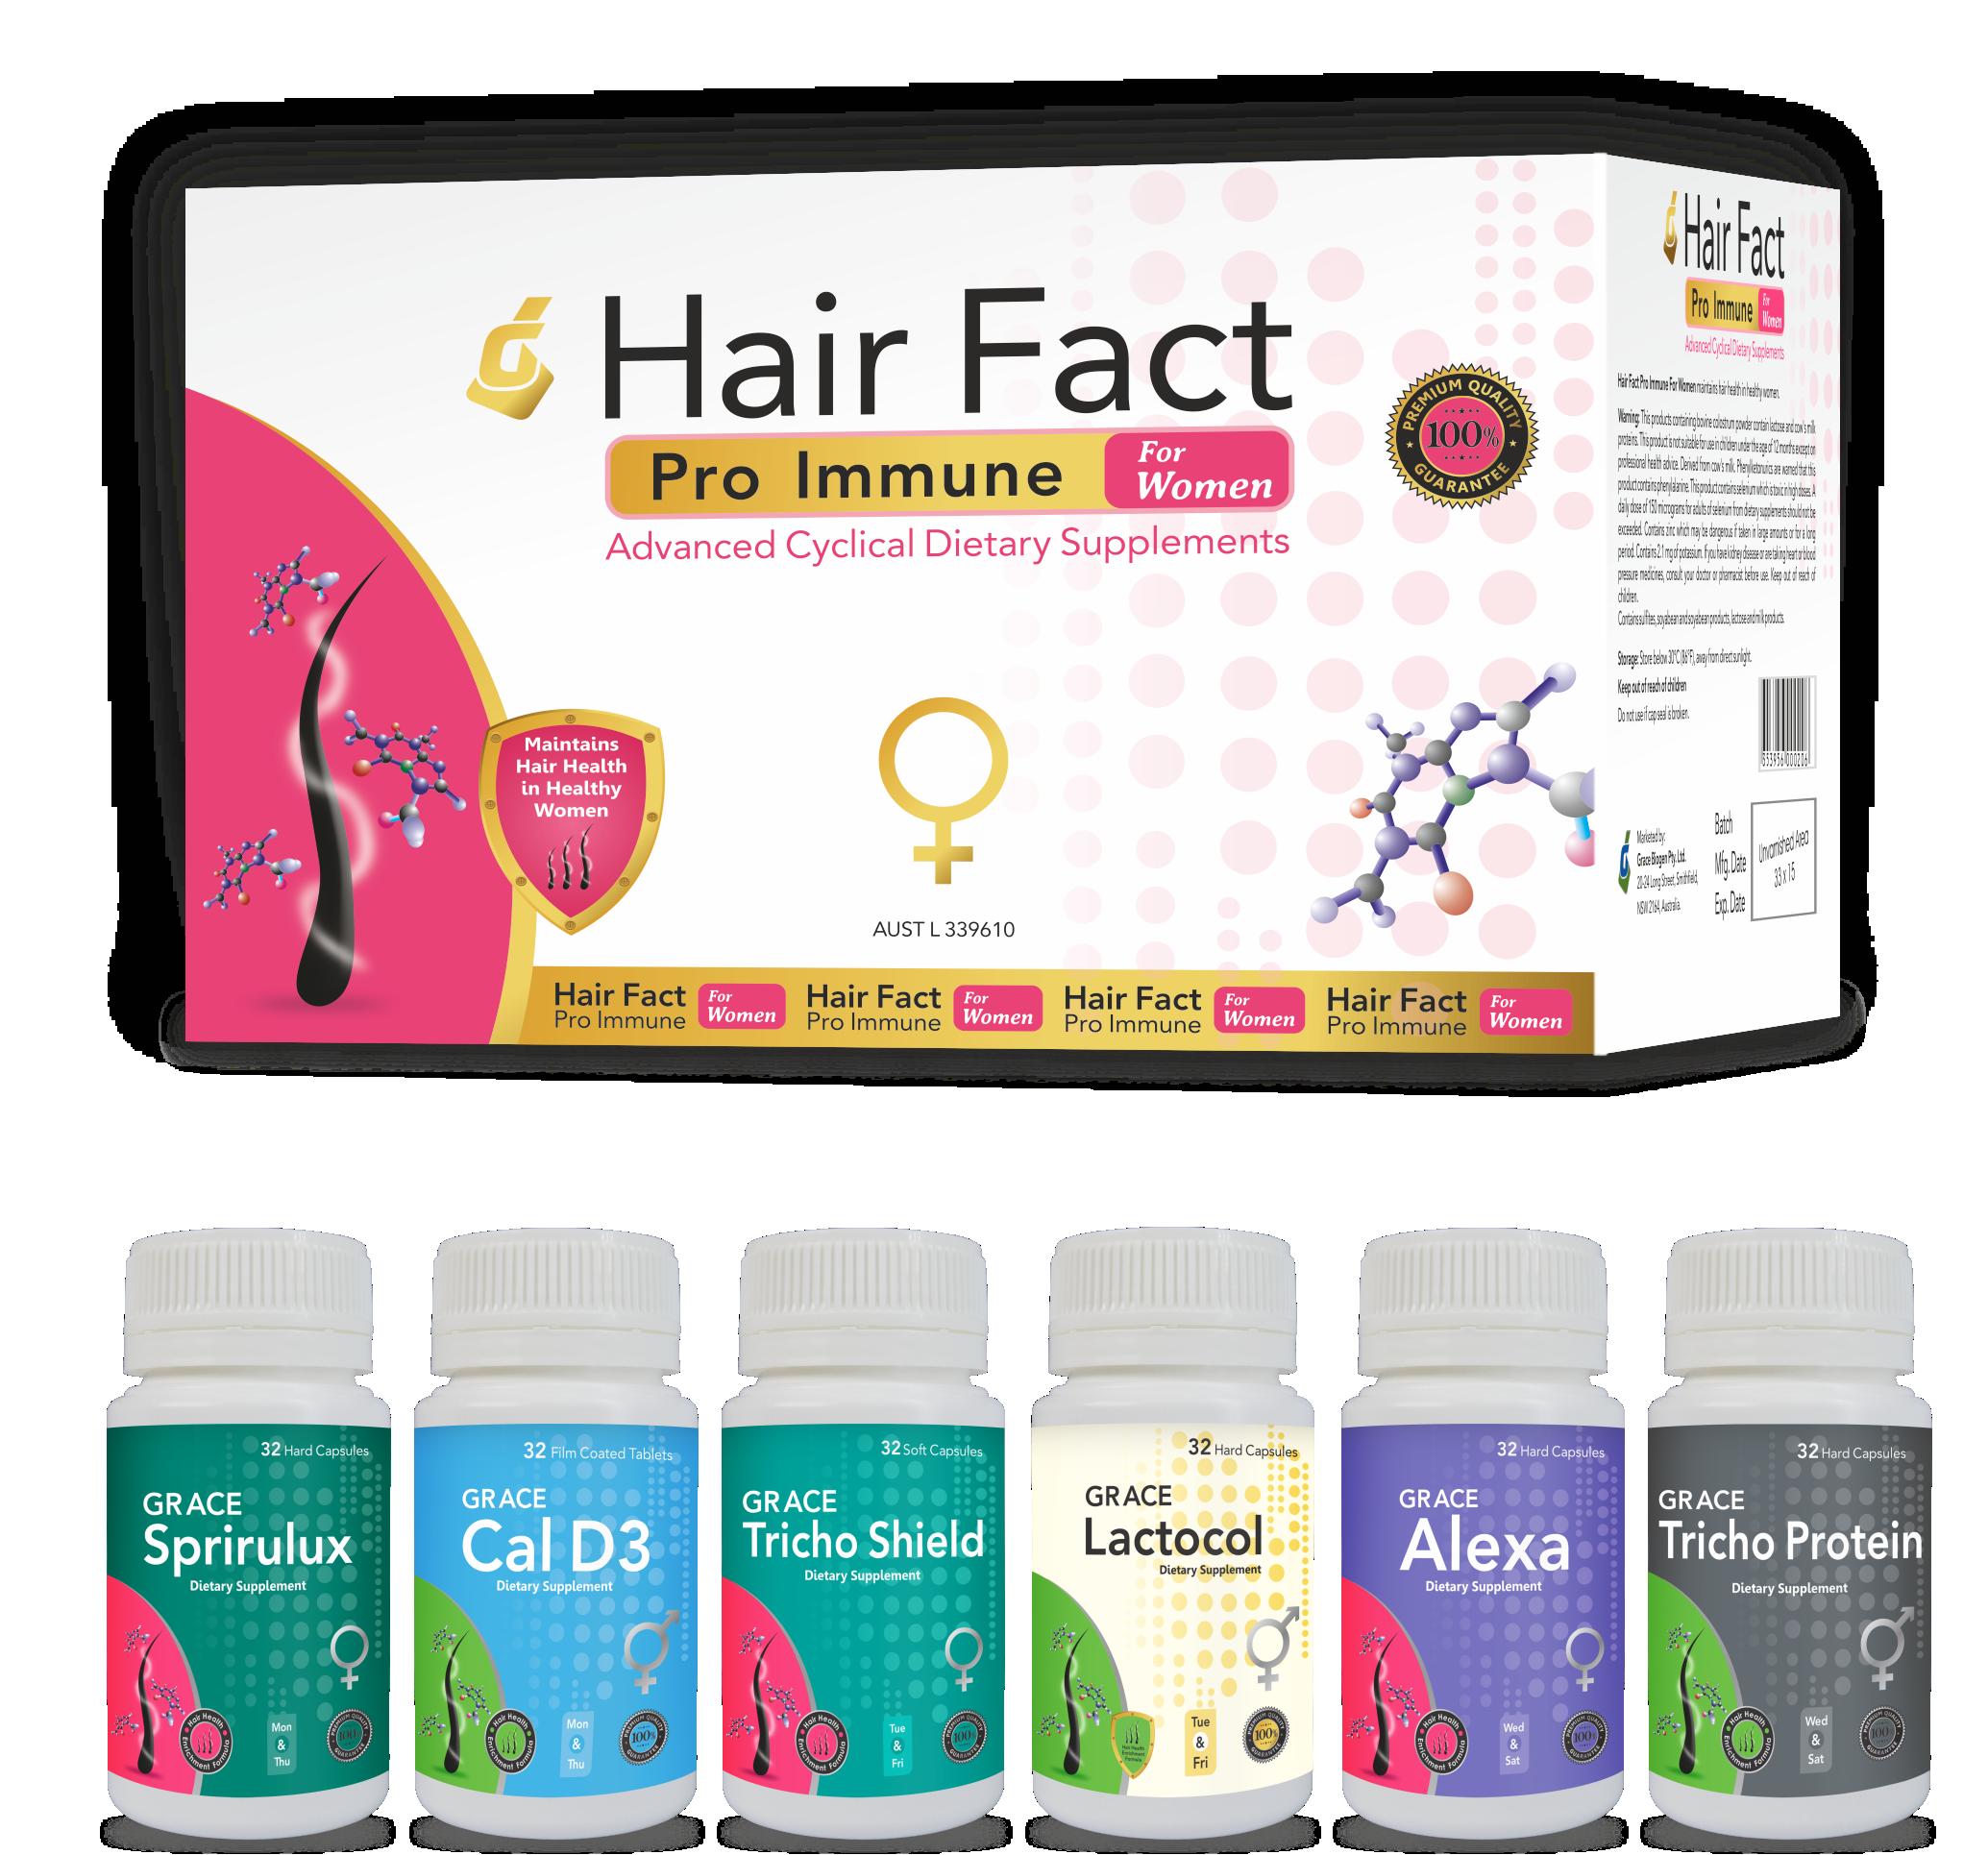 Hair Fact Pro Immune For Women